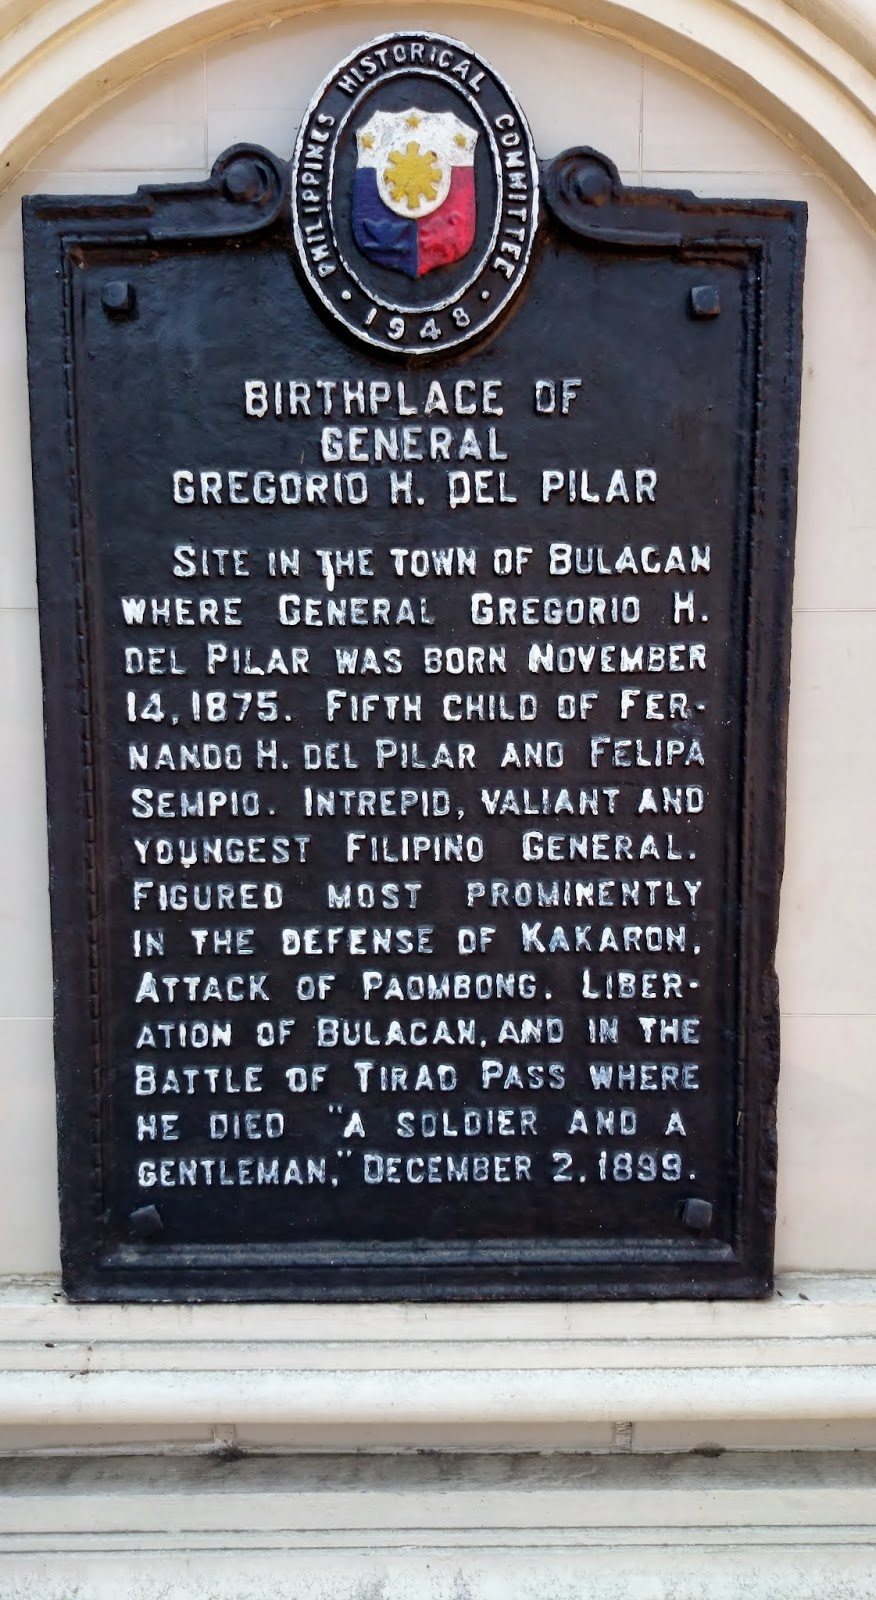 Beto Reyes Blog: The Enriquez Family of Bulakan, Bulacan